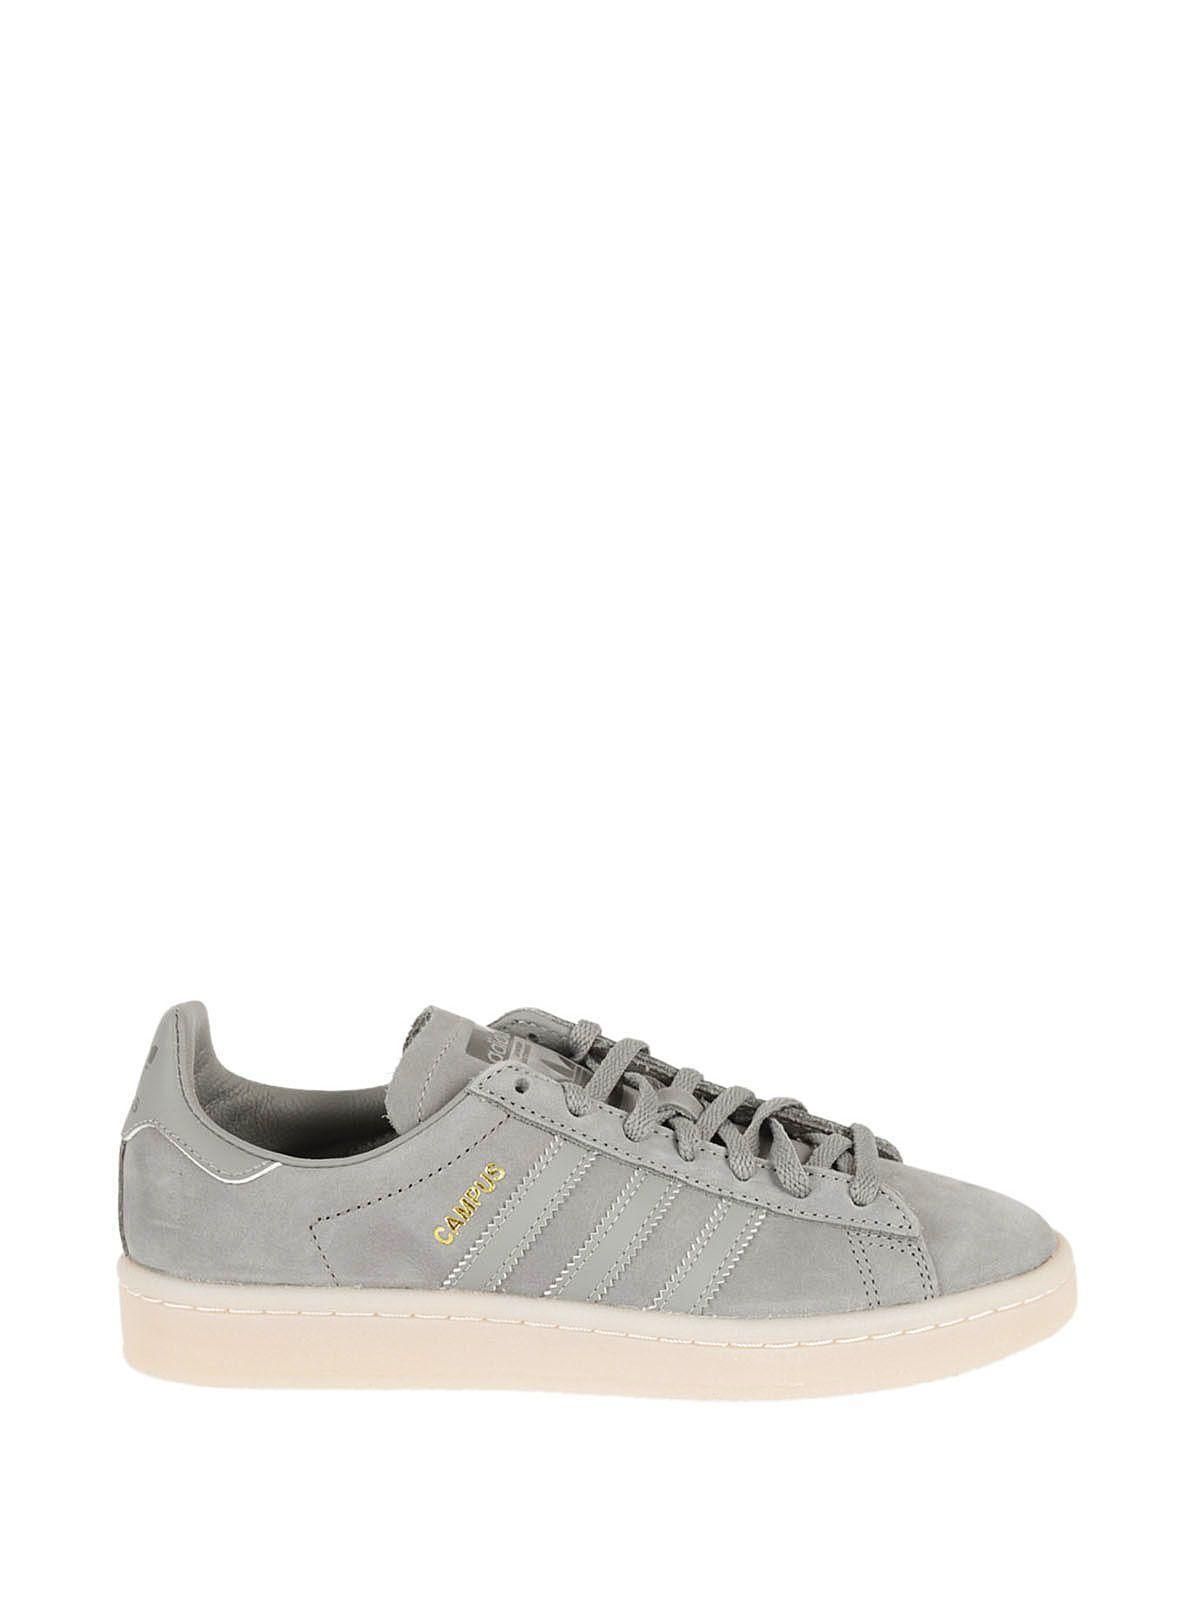 Adidas Originals Gazelle Sneakers In Grigio